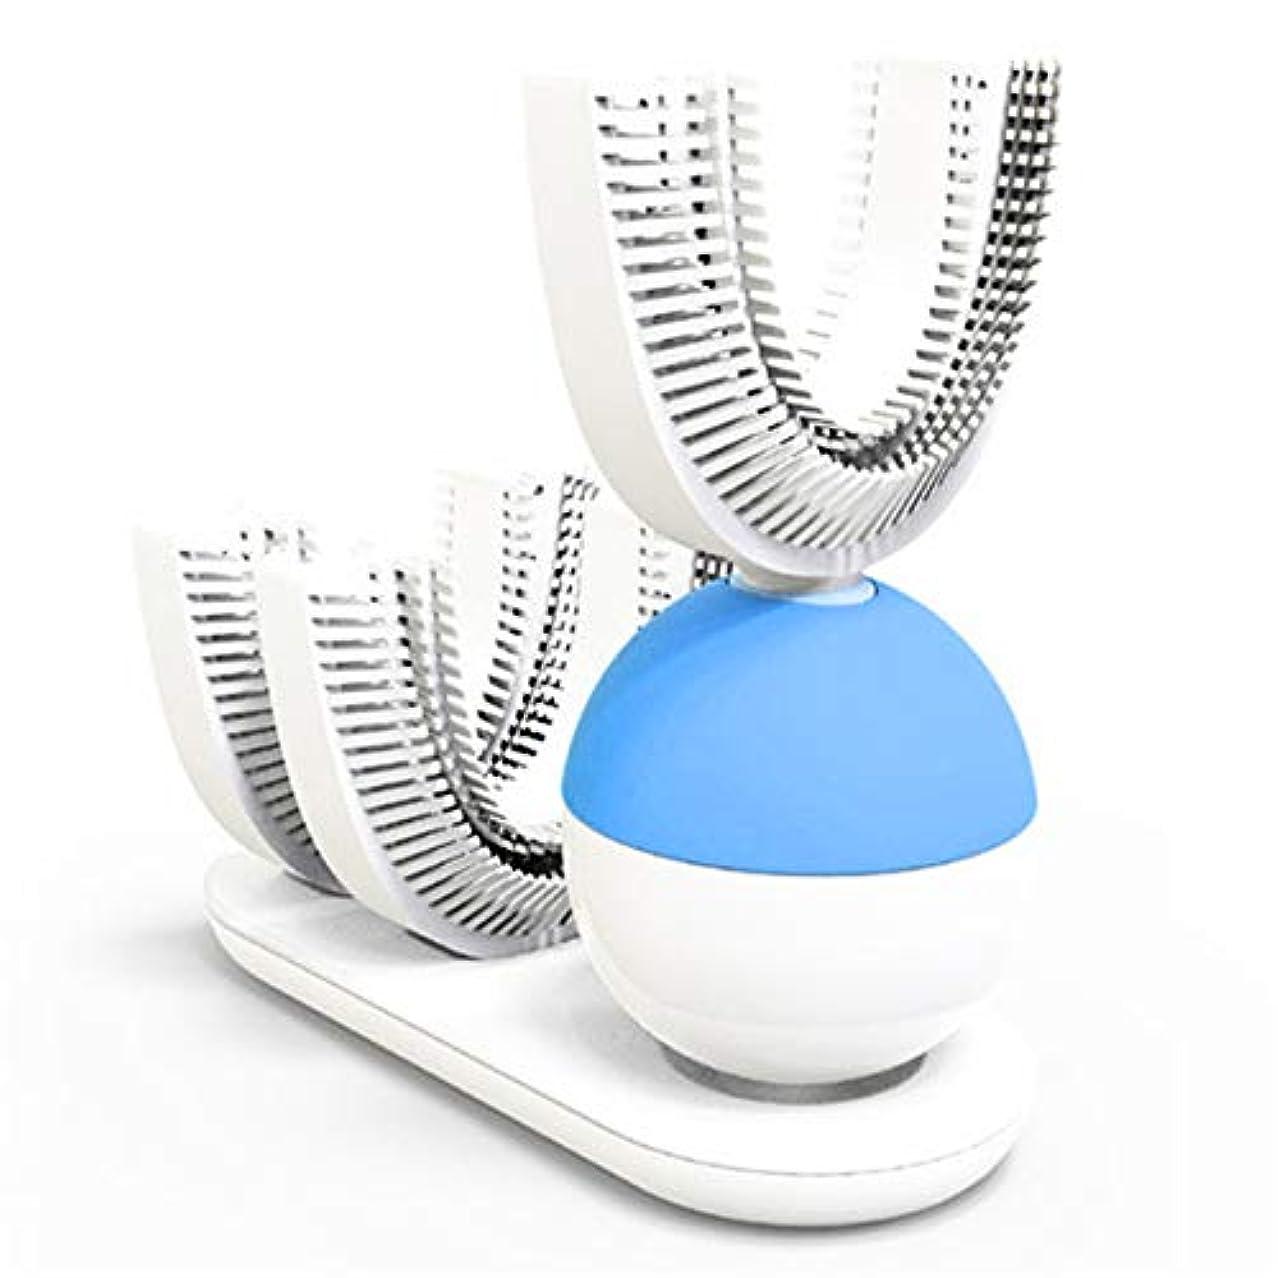 気味の悪い毒性振り返る電動歯ブラシ 自動歯ブラシ U型 360°全方位 超音波 怠け者歯ブラシ ワイヤレス充電 歯ブラシヘッド付き